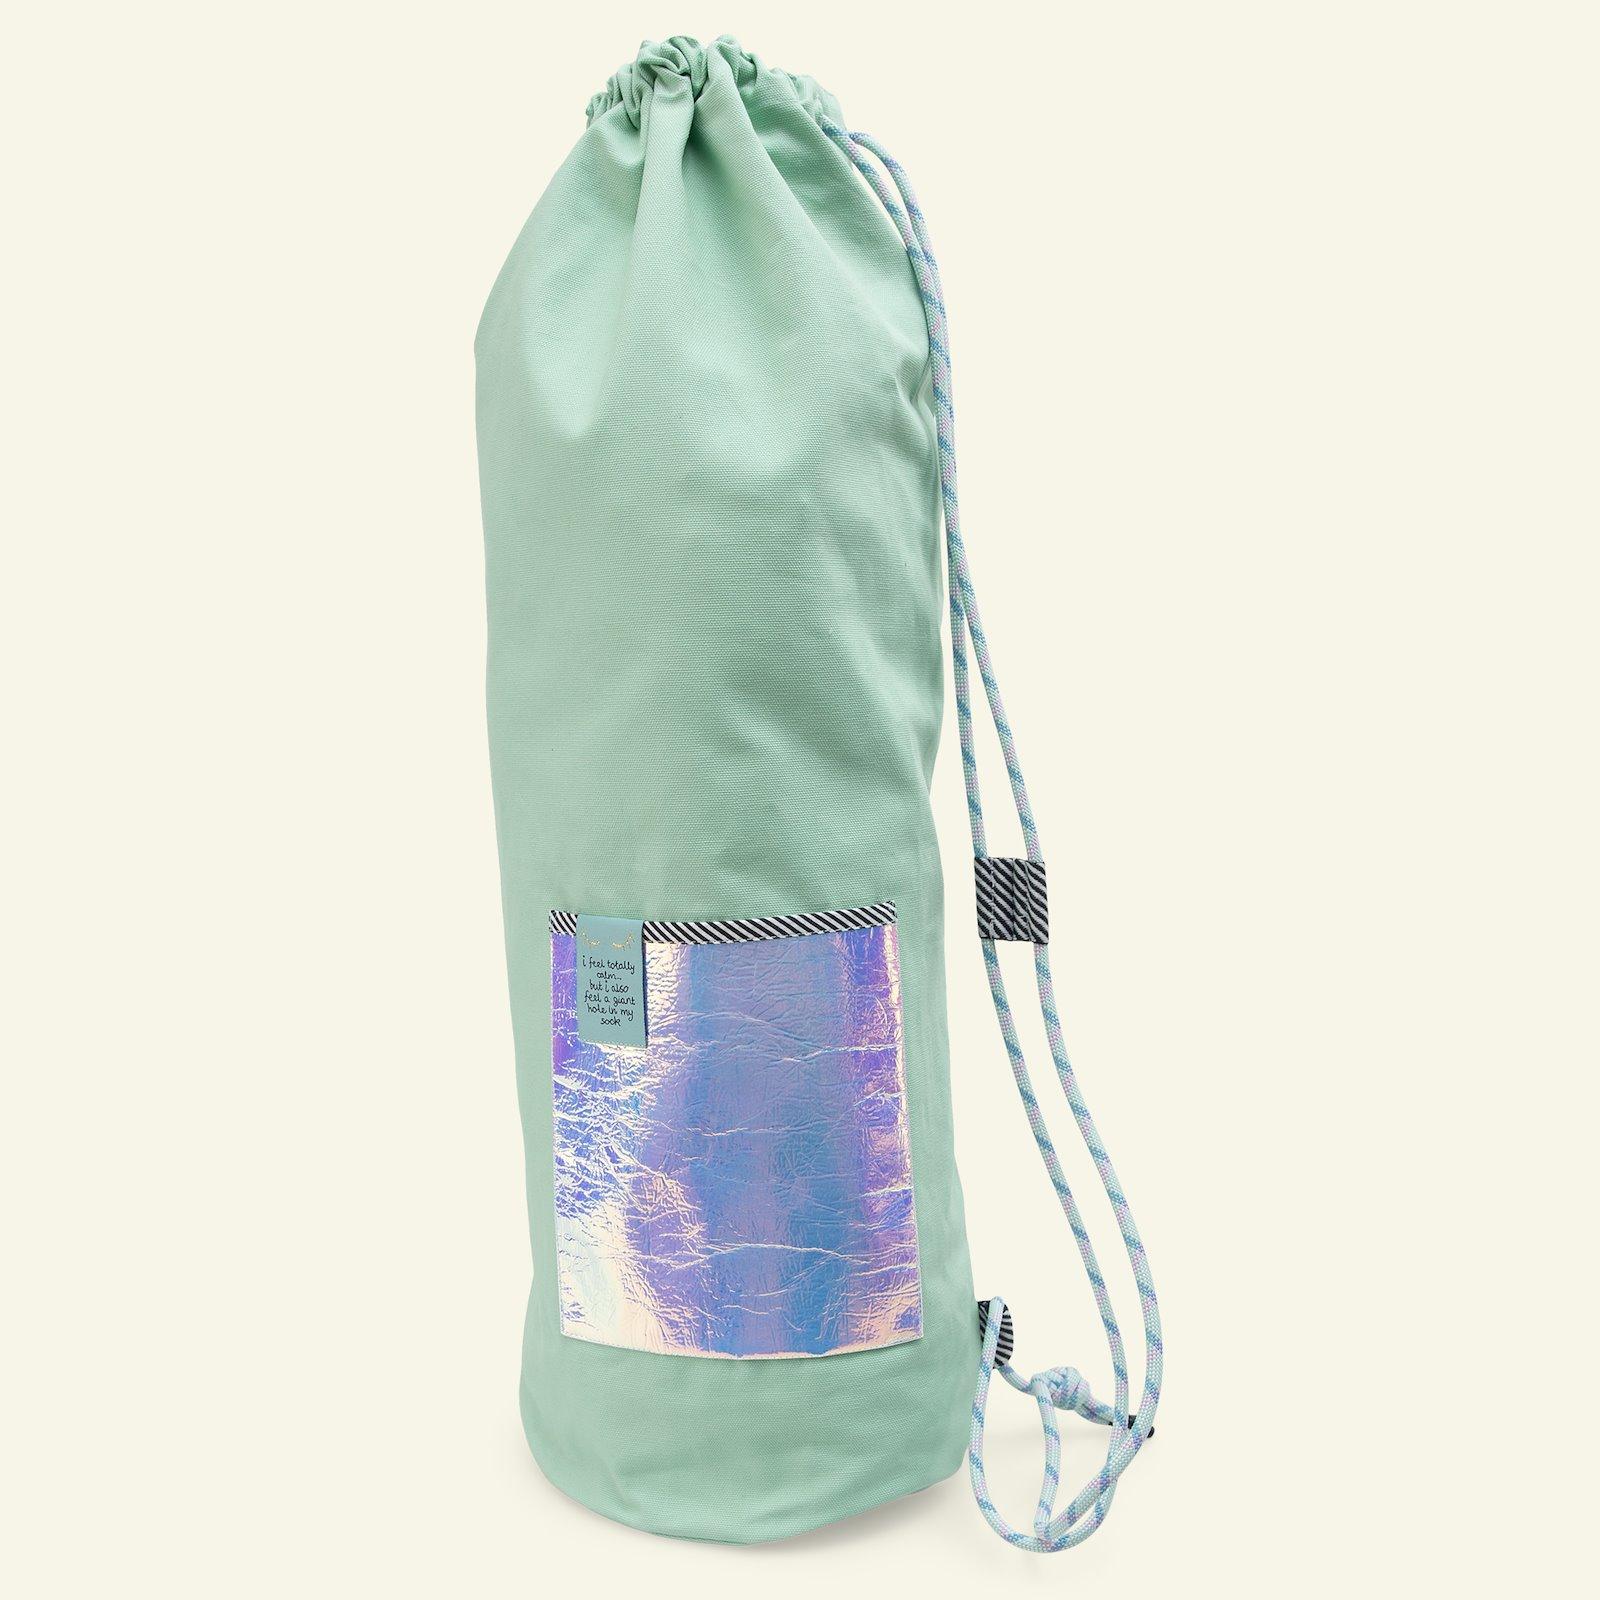 Yoga and bucket bag p90339_780479_824045_64106_75090_21468_26535_sskit